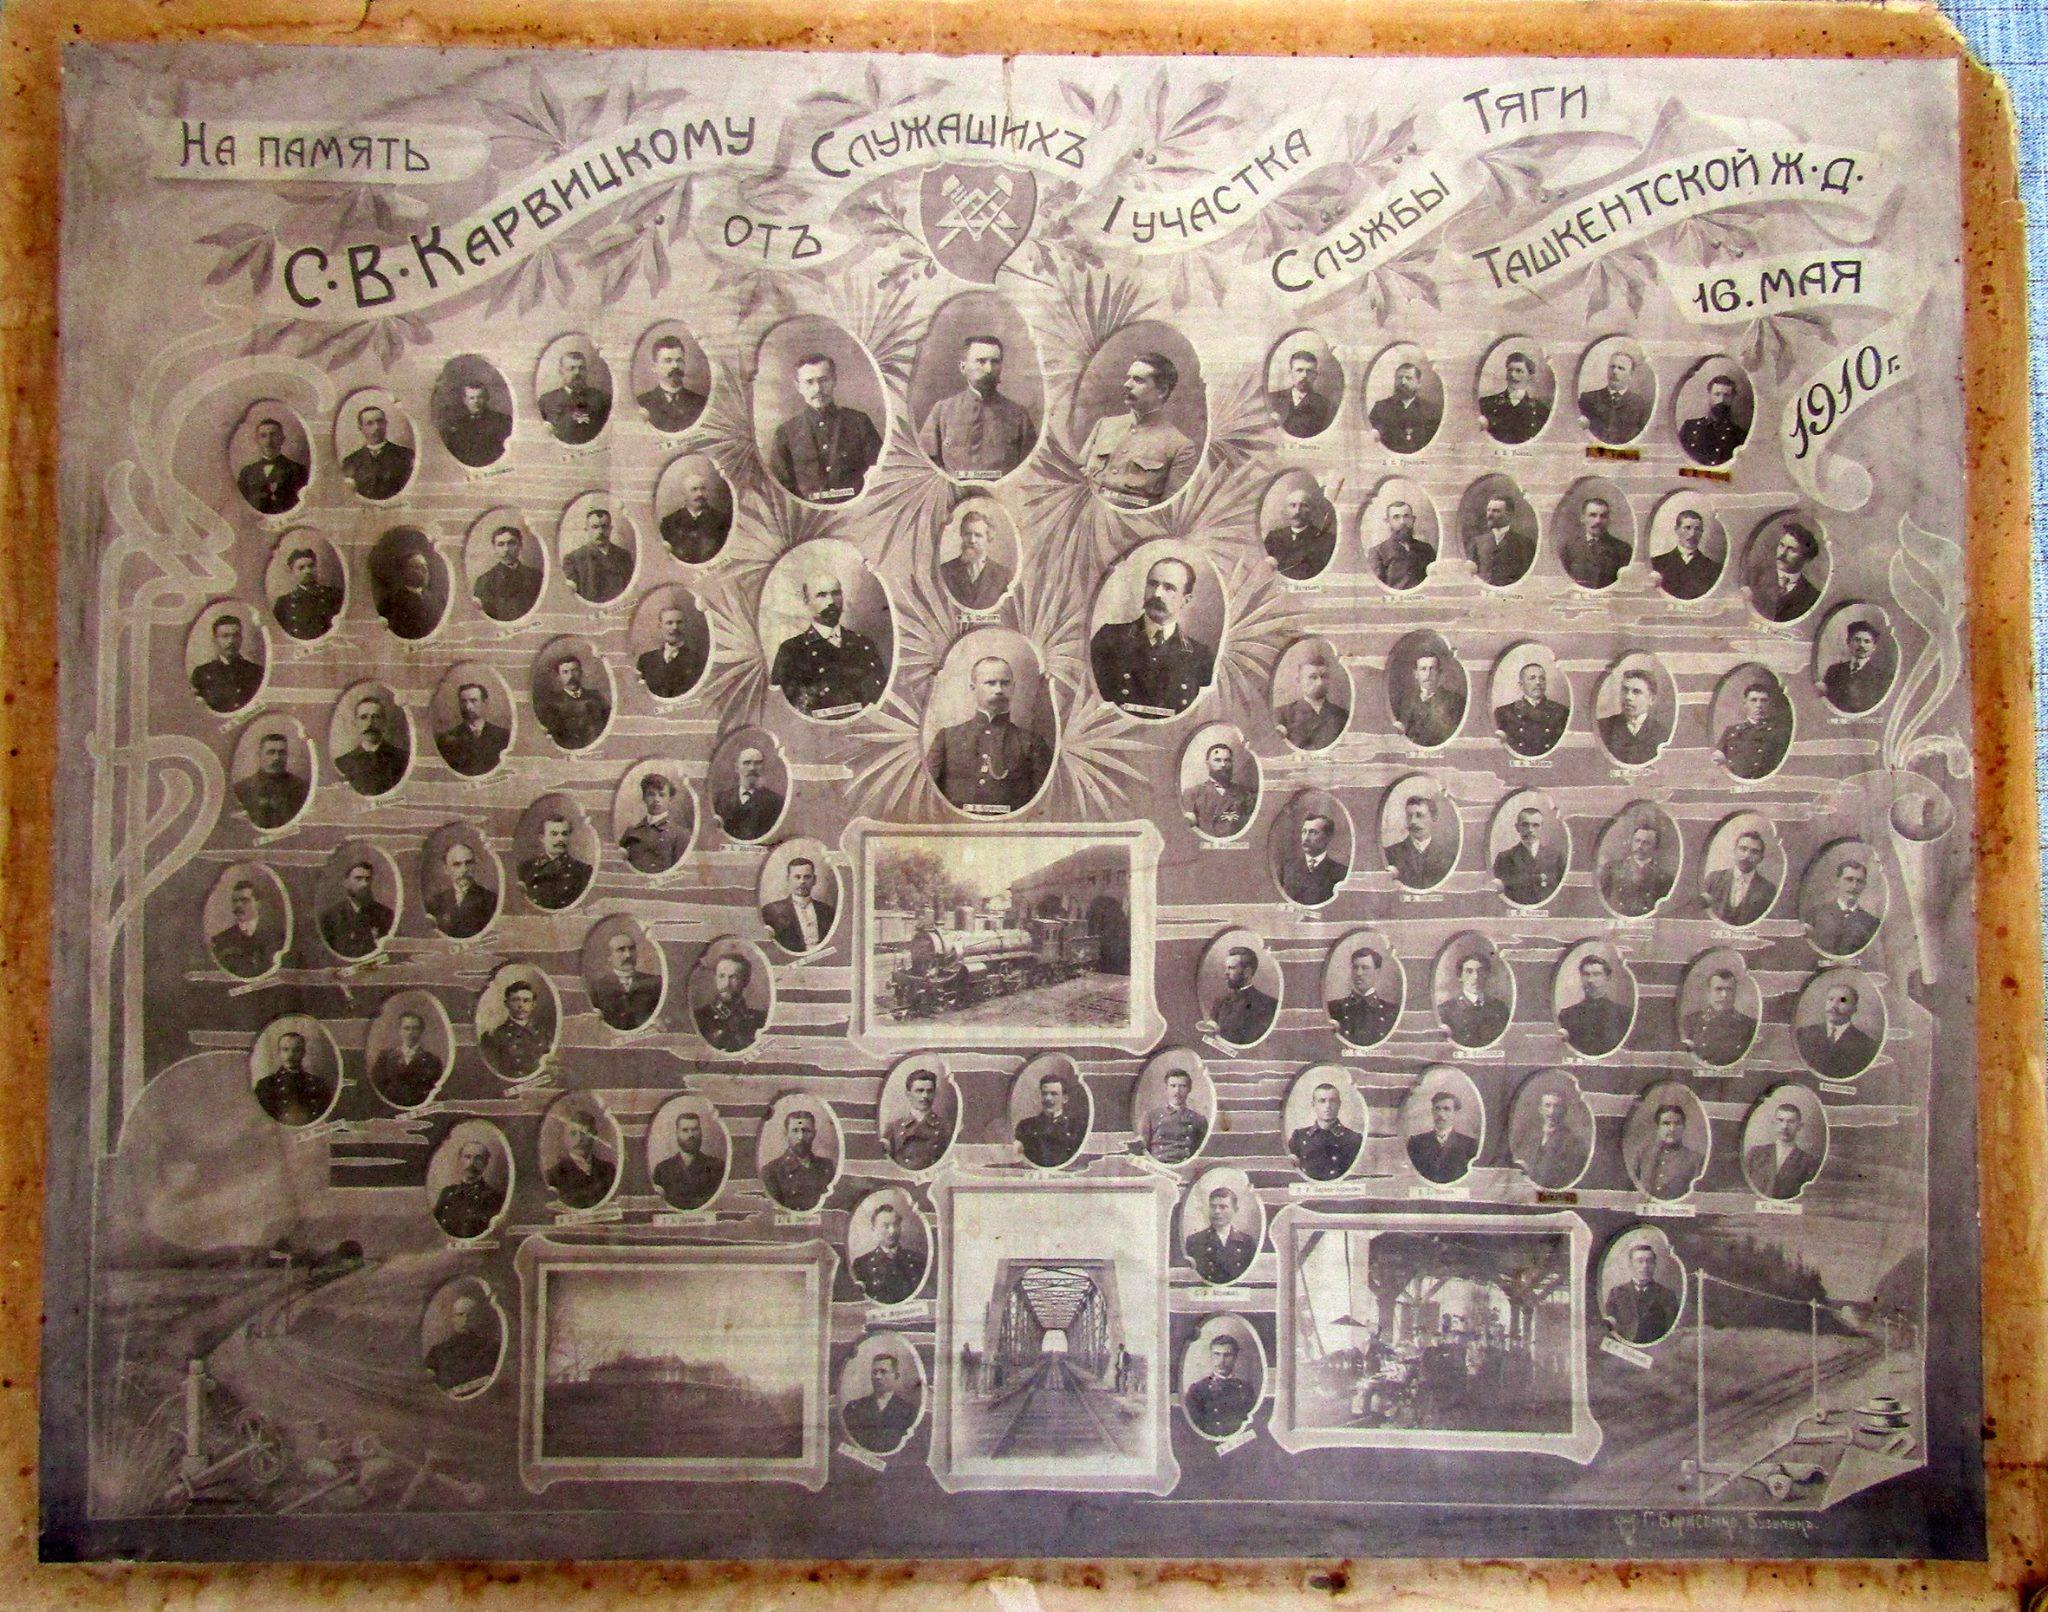 Служащие 1-го участка Службы Тяги Ташкентской железной дороги, 1910